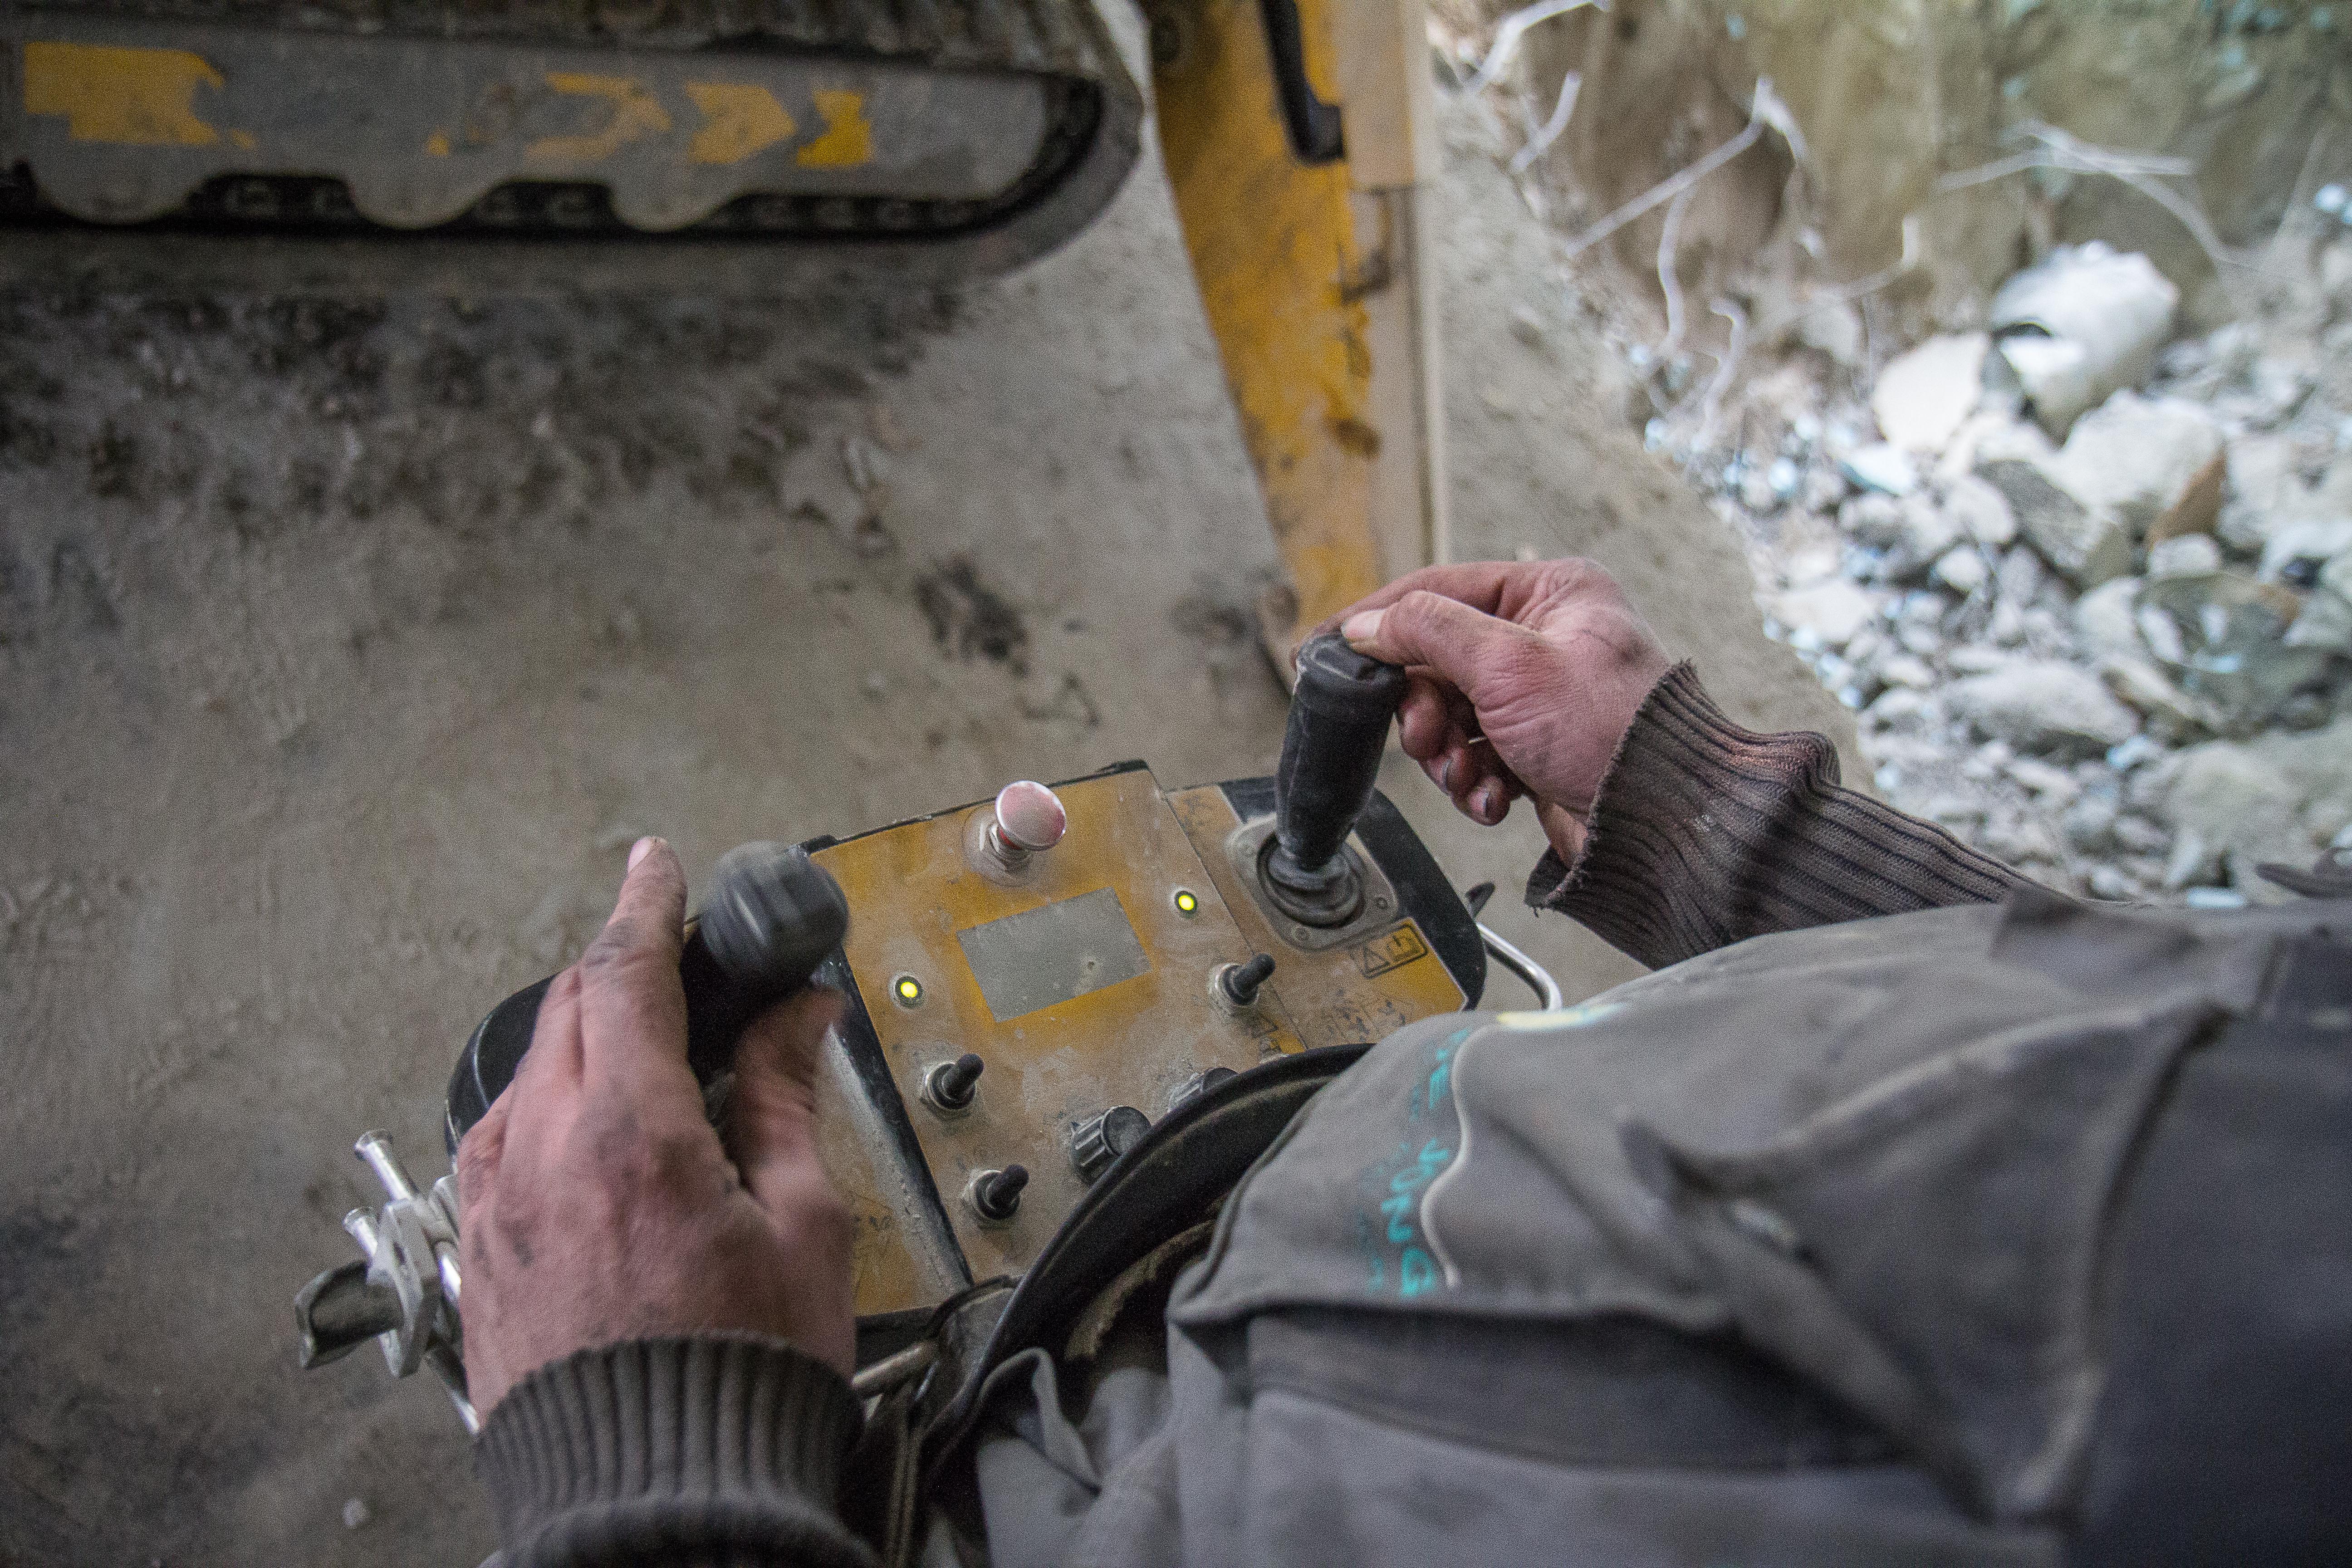 <p>De radiografische bediening en het werken met de hamer vereisen een gevoel voor slopen. Omdat je op verschillende plekken naast de machine staat, moet je in spiegelbeeld kunnen denken.</p>